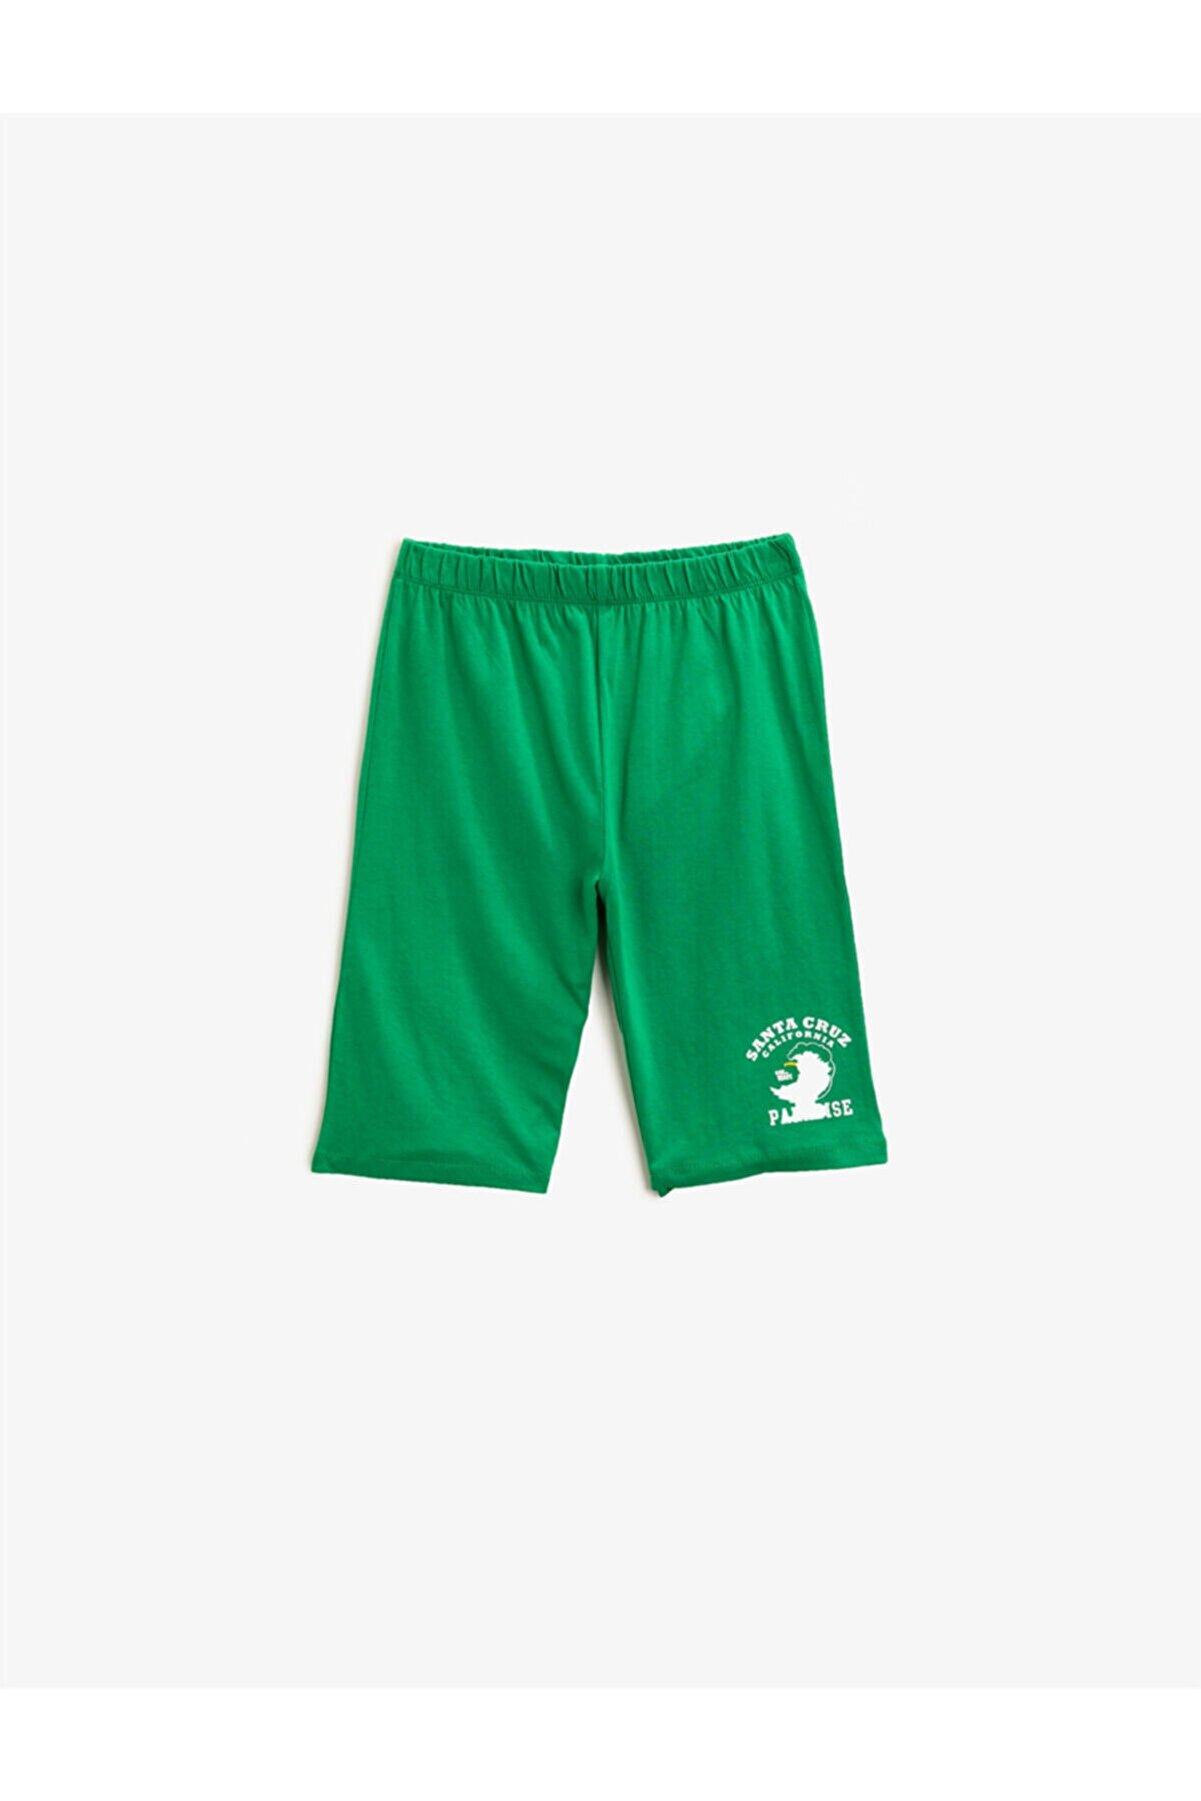 Koton Erkek Çocuk Yeşil Baskılı  Pamuklu Şort